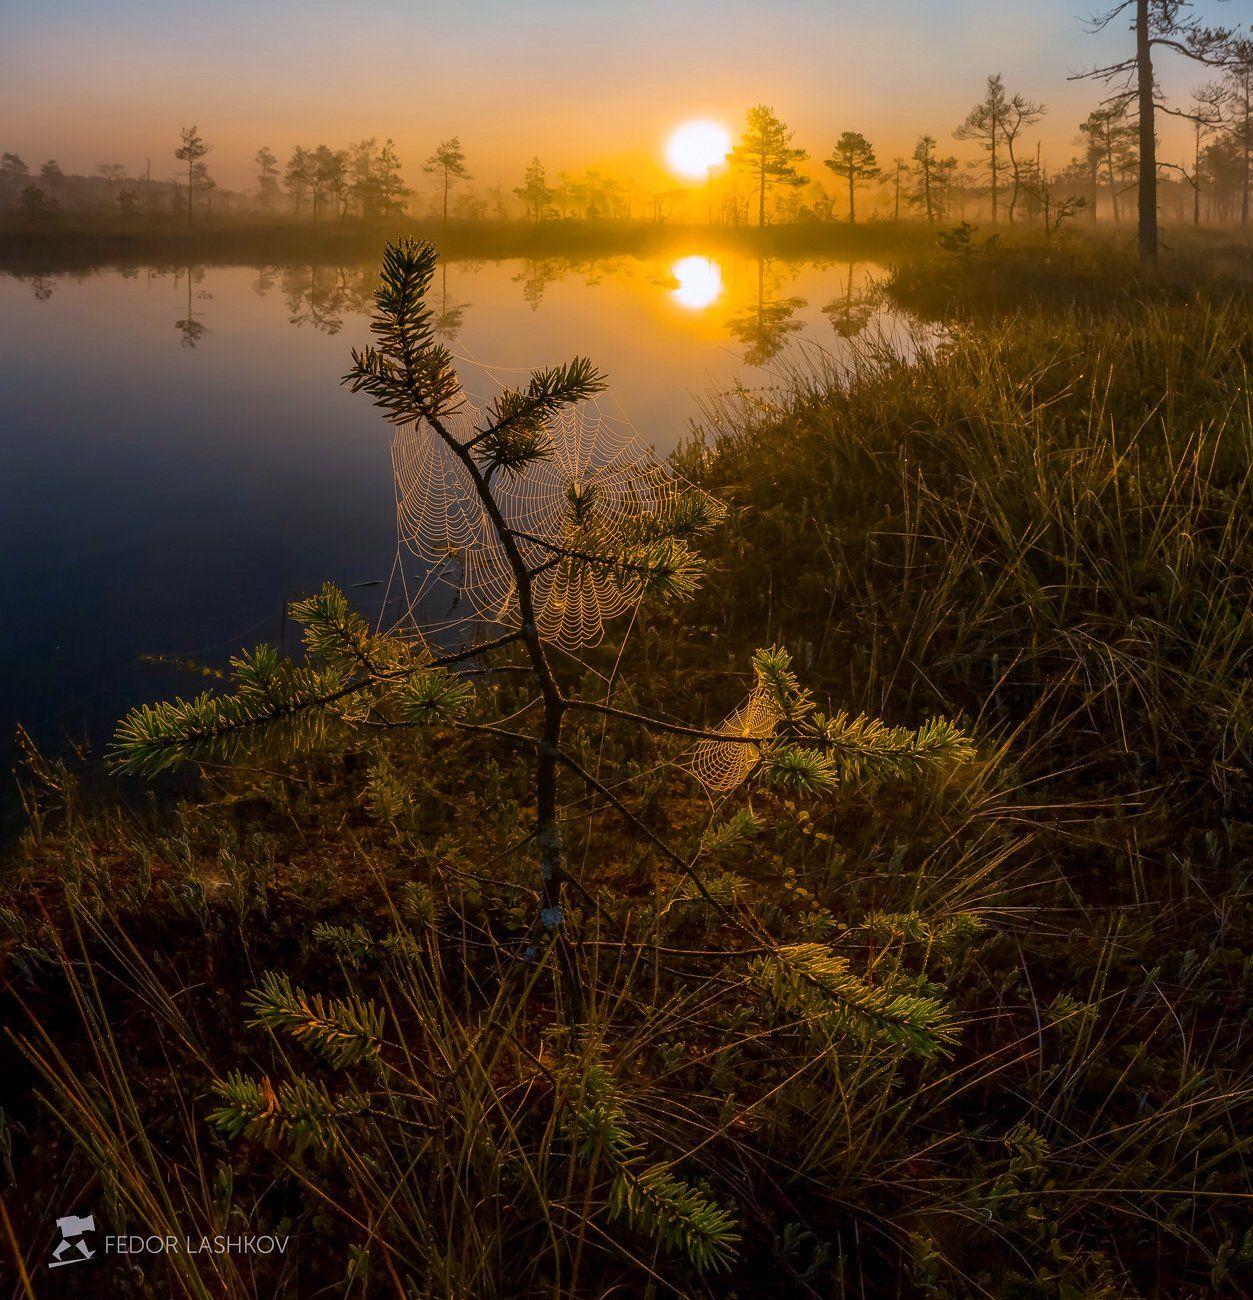 фототур, ленинградская область, сосна, дерево, озеро, рассвет, солнце, туман, паутина,, Лашков Фёдор